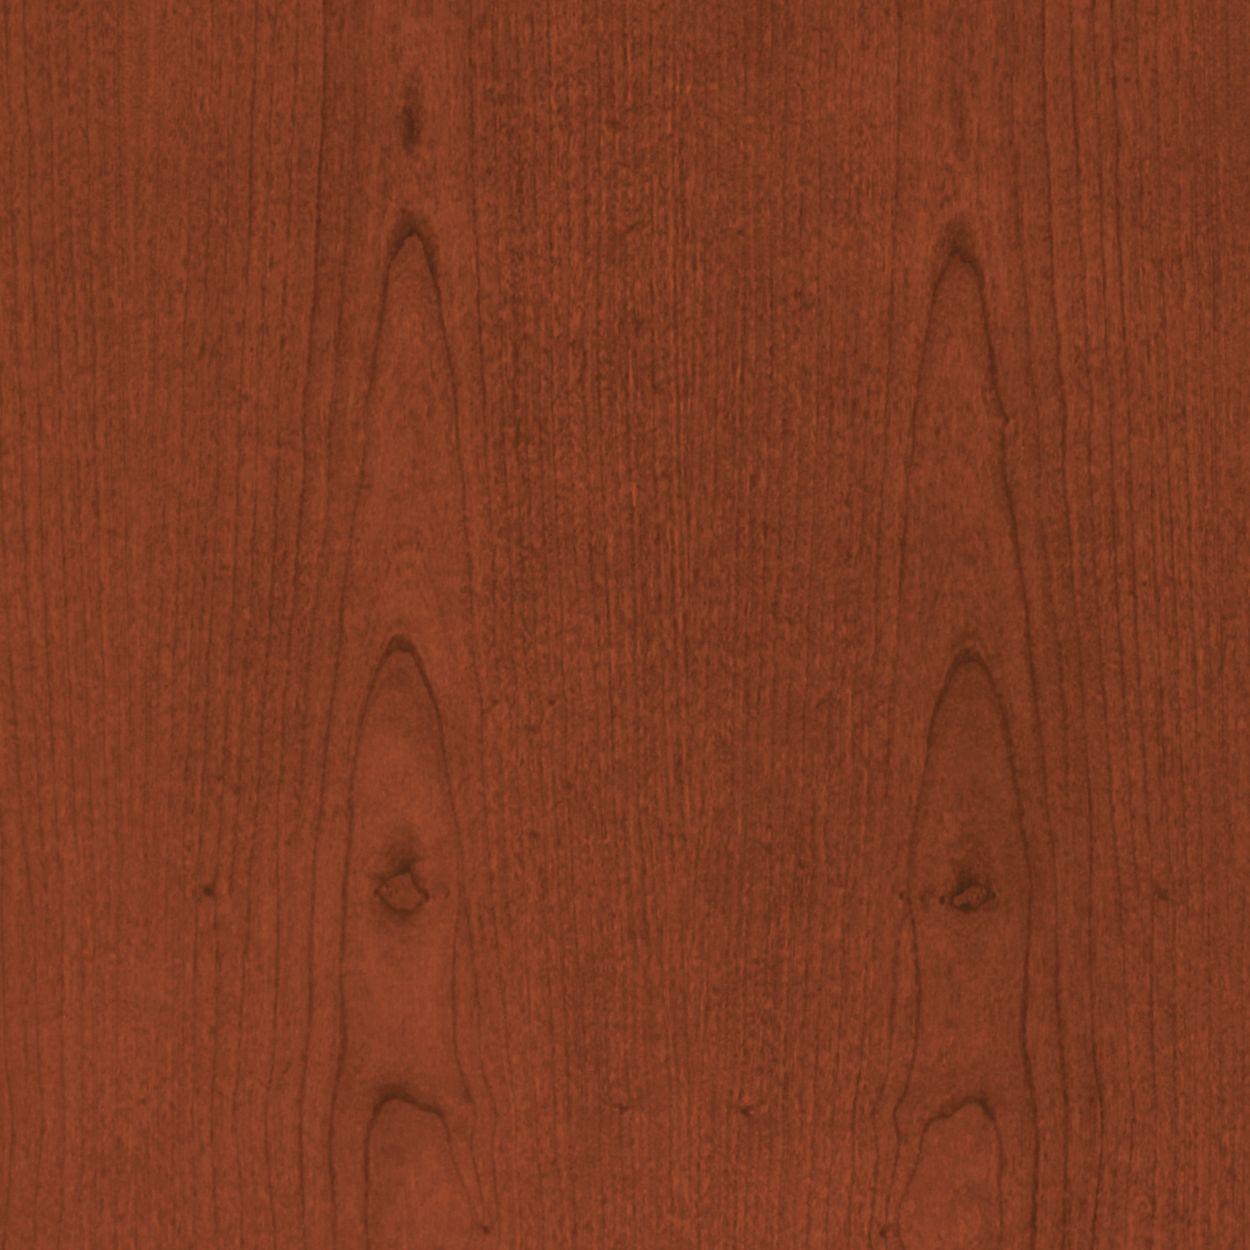 Laminate Medium Cherry A1A1 Swatch Teaser